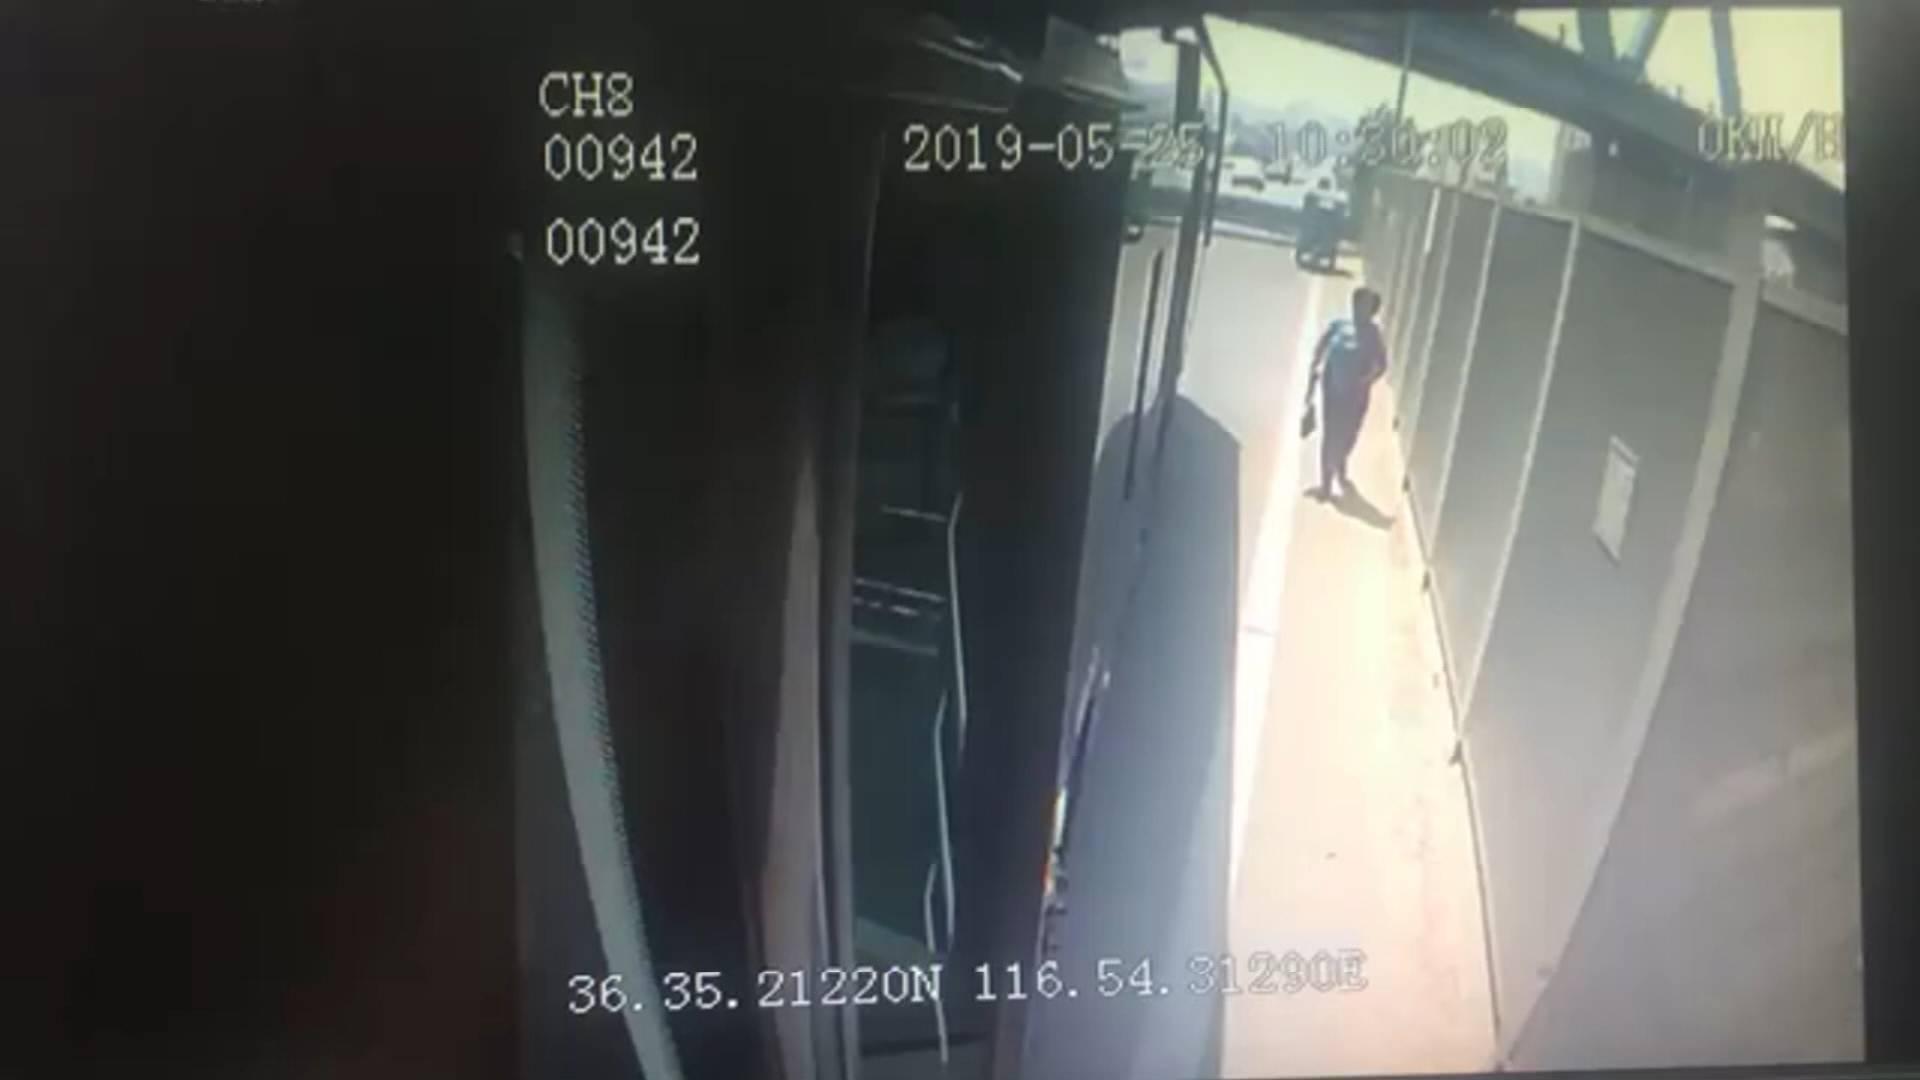 19秒丨济南街头一电动三轮起火 公交司机拎起灭火器及时施援